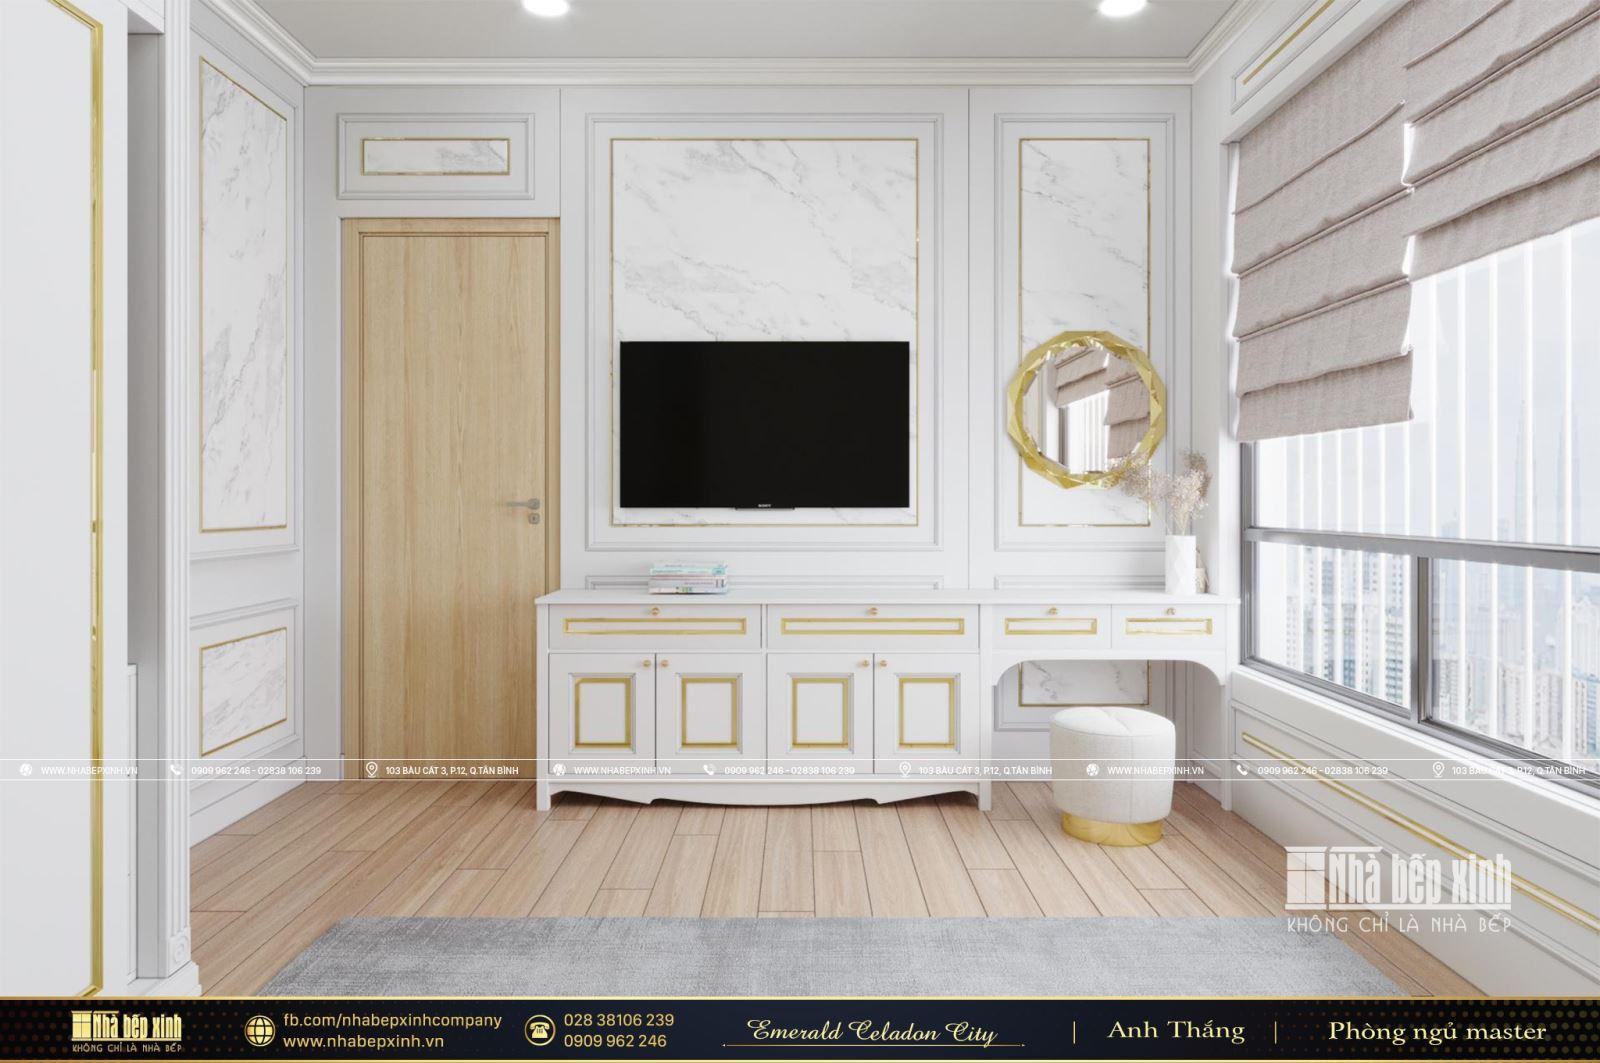 Thiết kế nội thất chung cư đẹp, cao cấp căn Emerald Celadon City 106m2